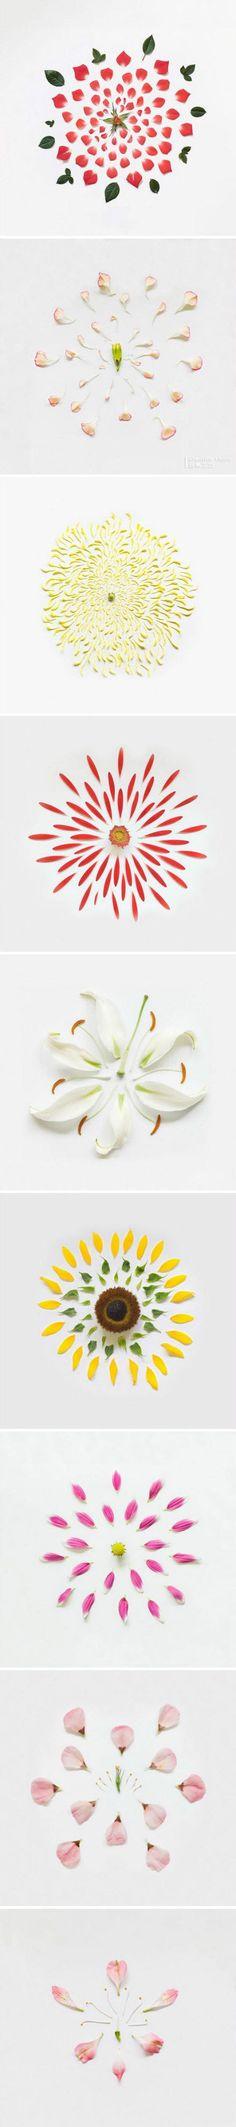 the petals~~